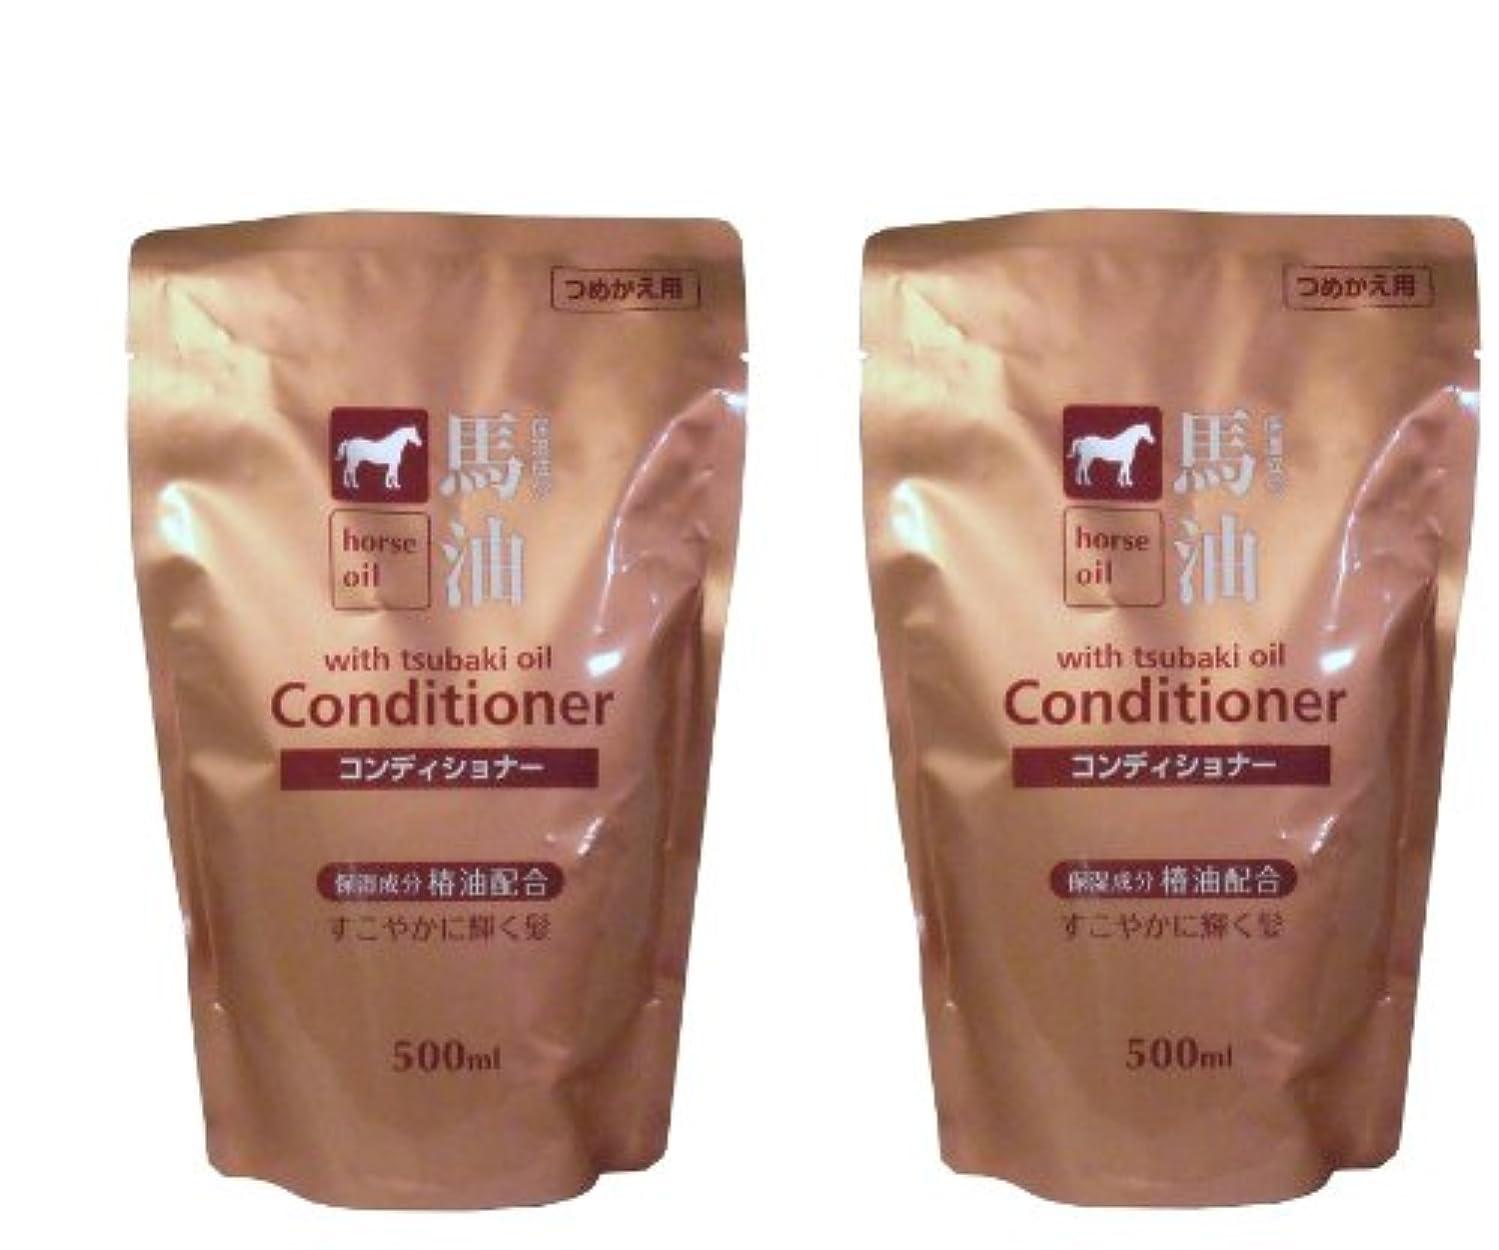 平らな不平を言う何か馬油コンディショナー 椿油配合 詰替え用 2個セット(各500mL)  【日本製】